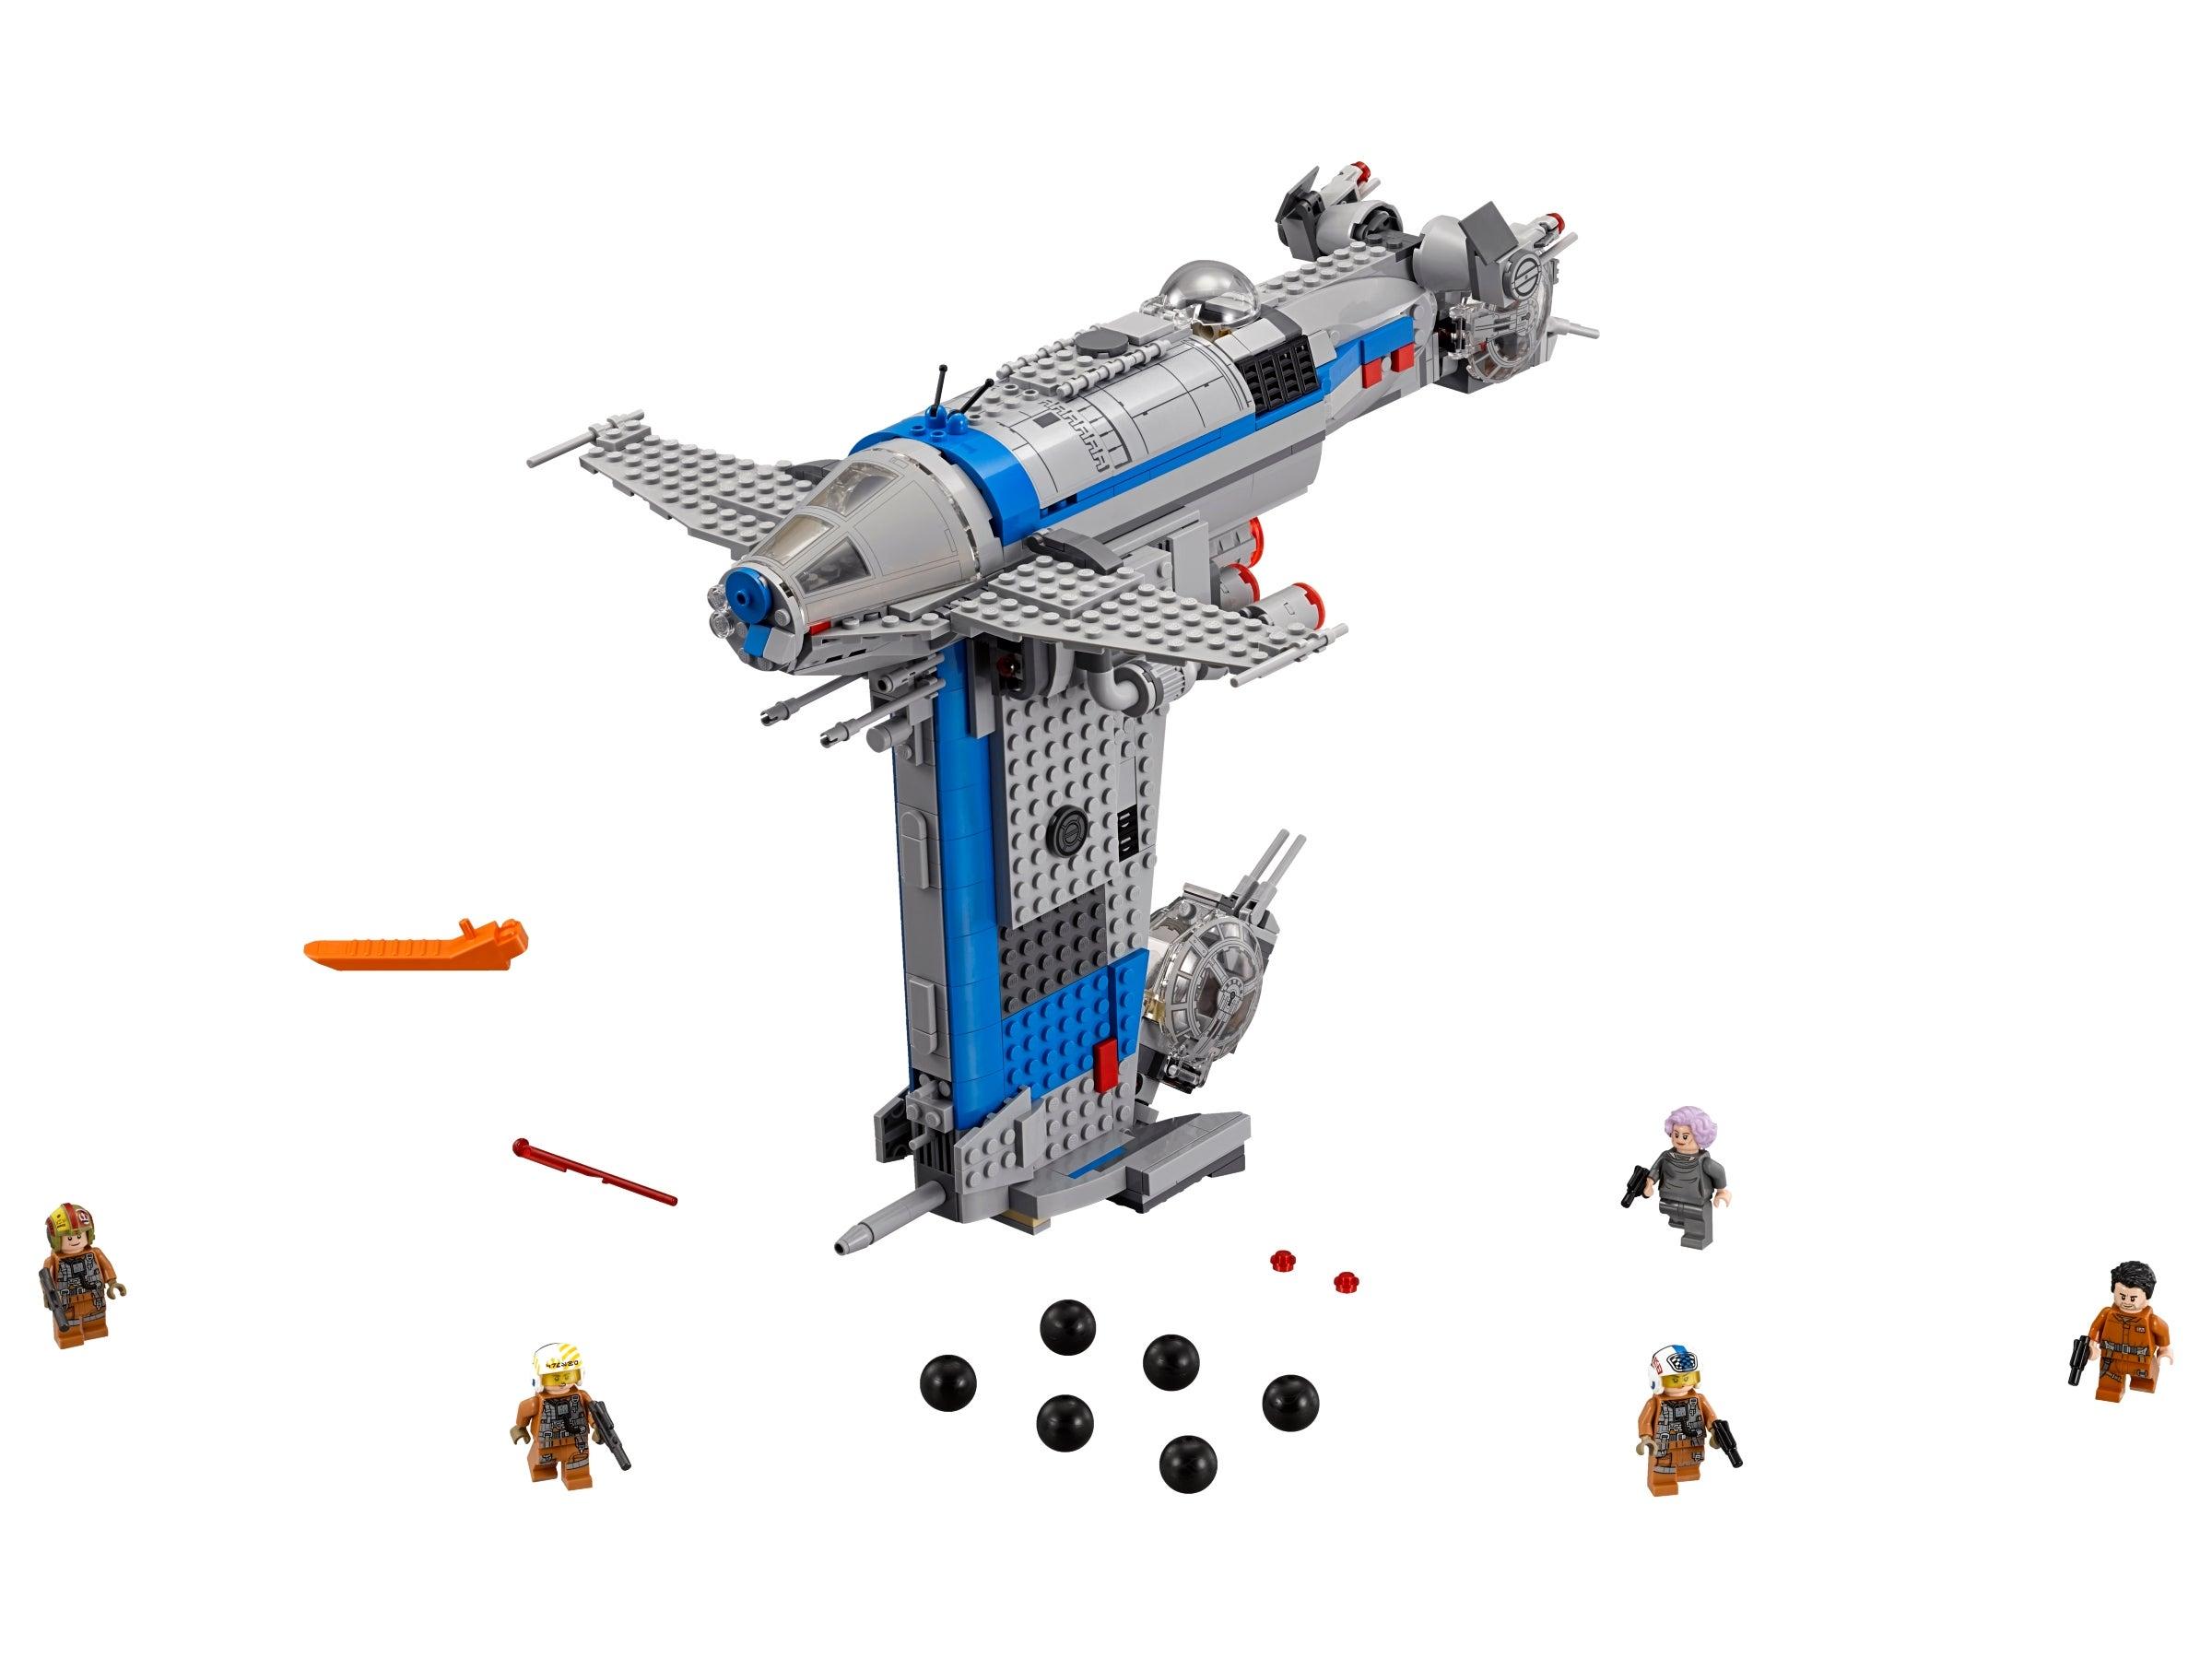 LEGO Star Wars 75188 Resistance Bomber!